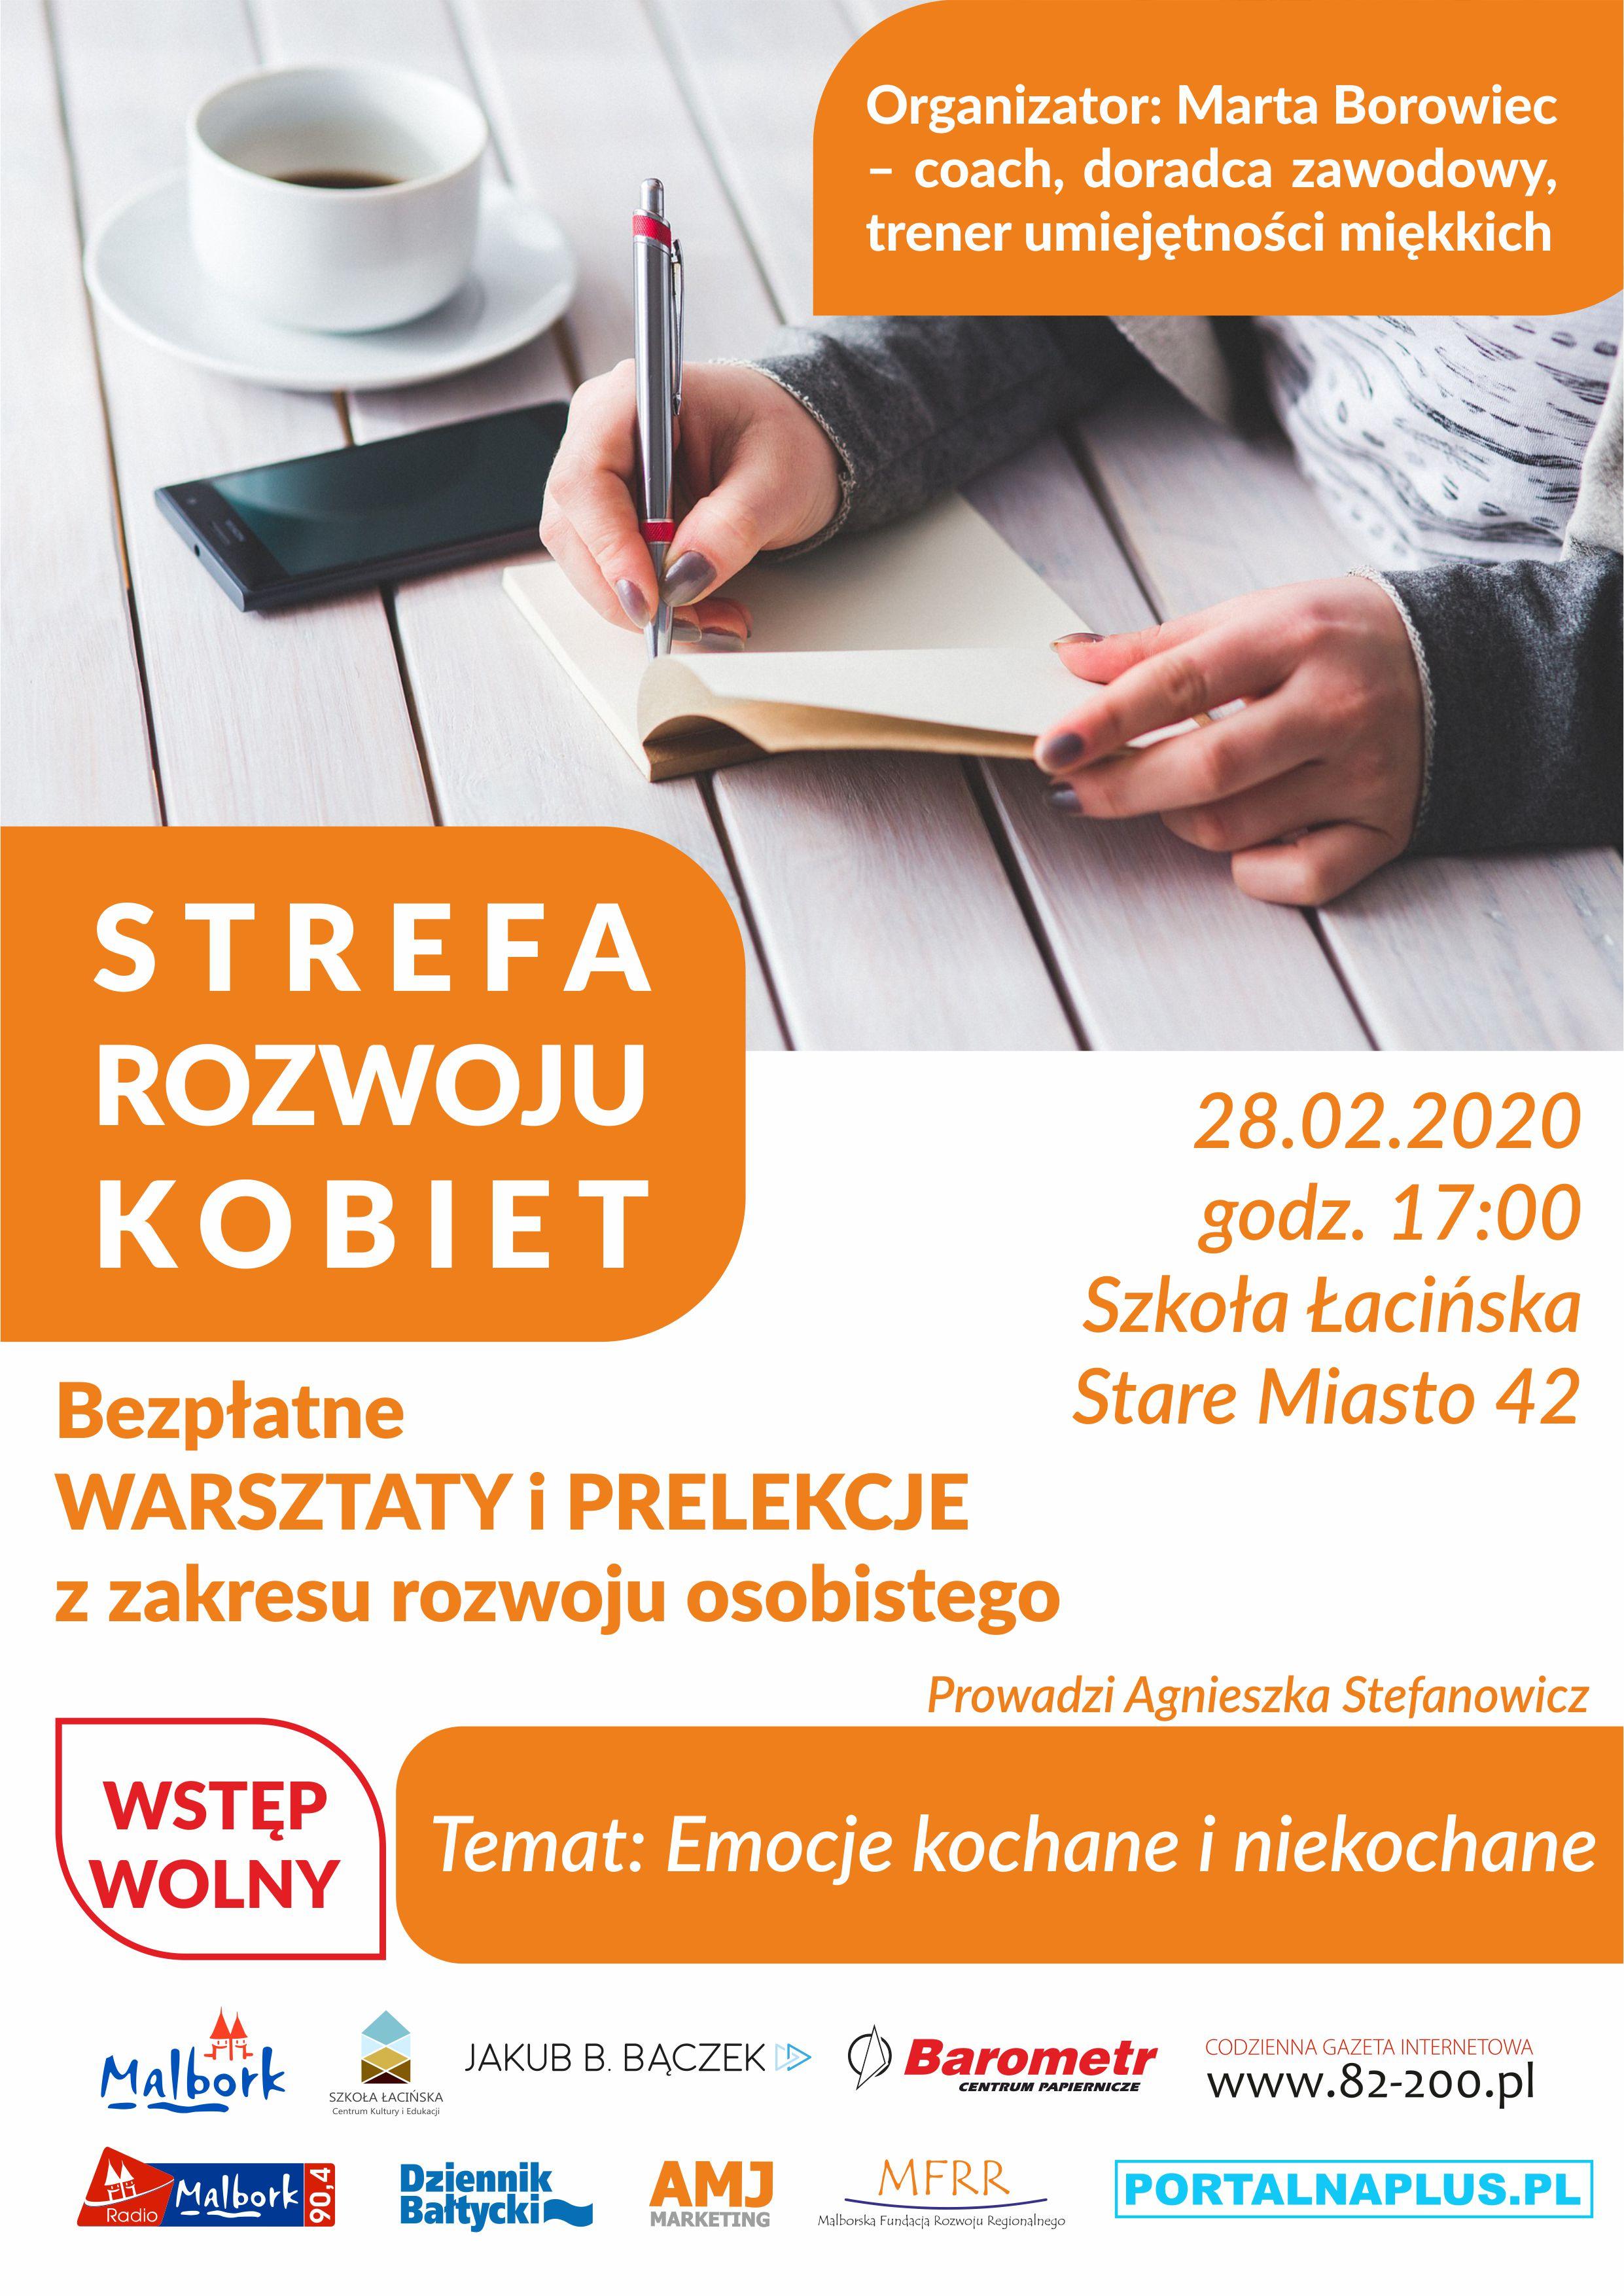 http://m.82-200.pl/2020/02/orig/strefaluty-5516.jpg